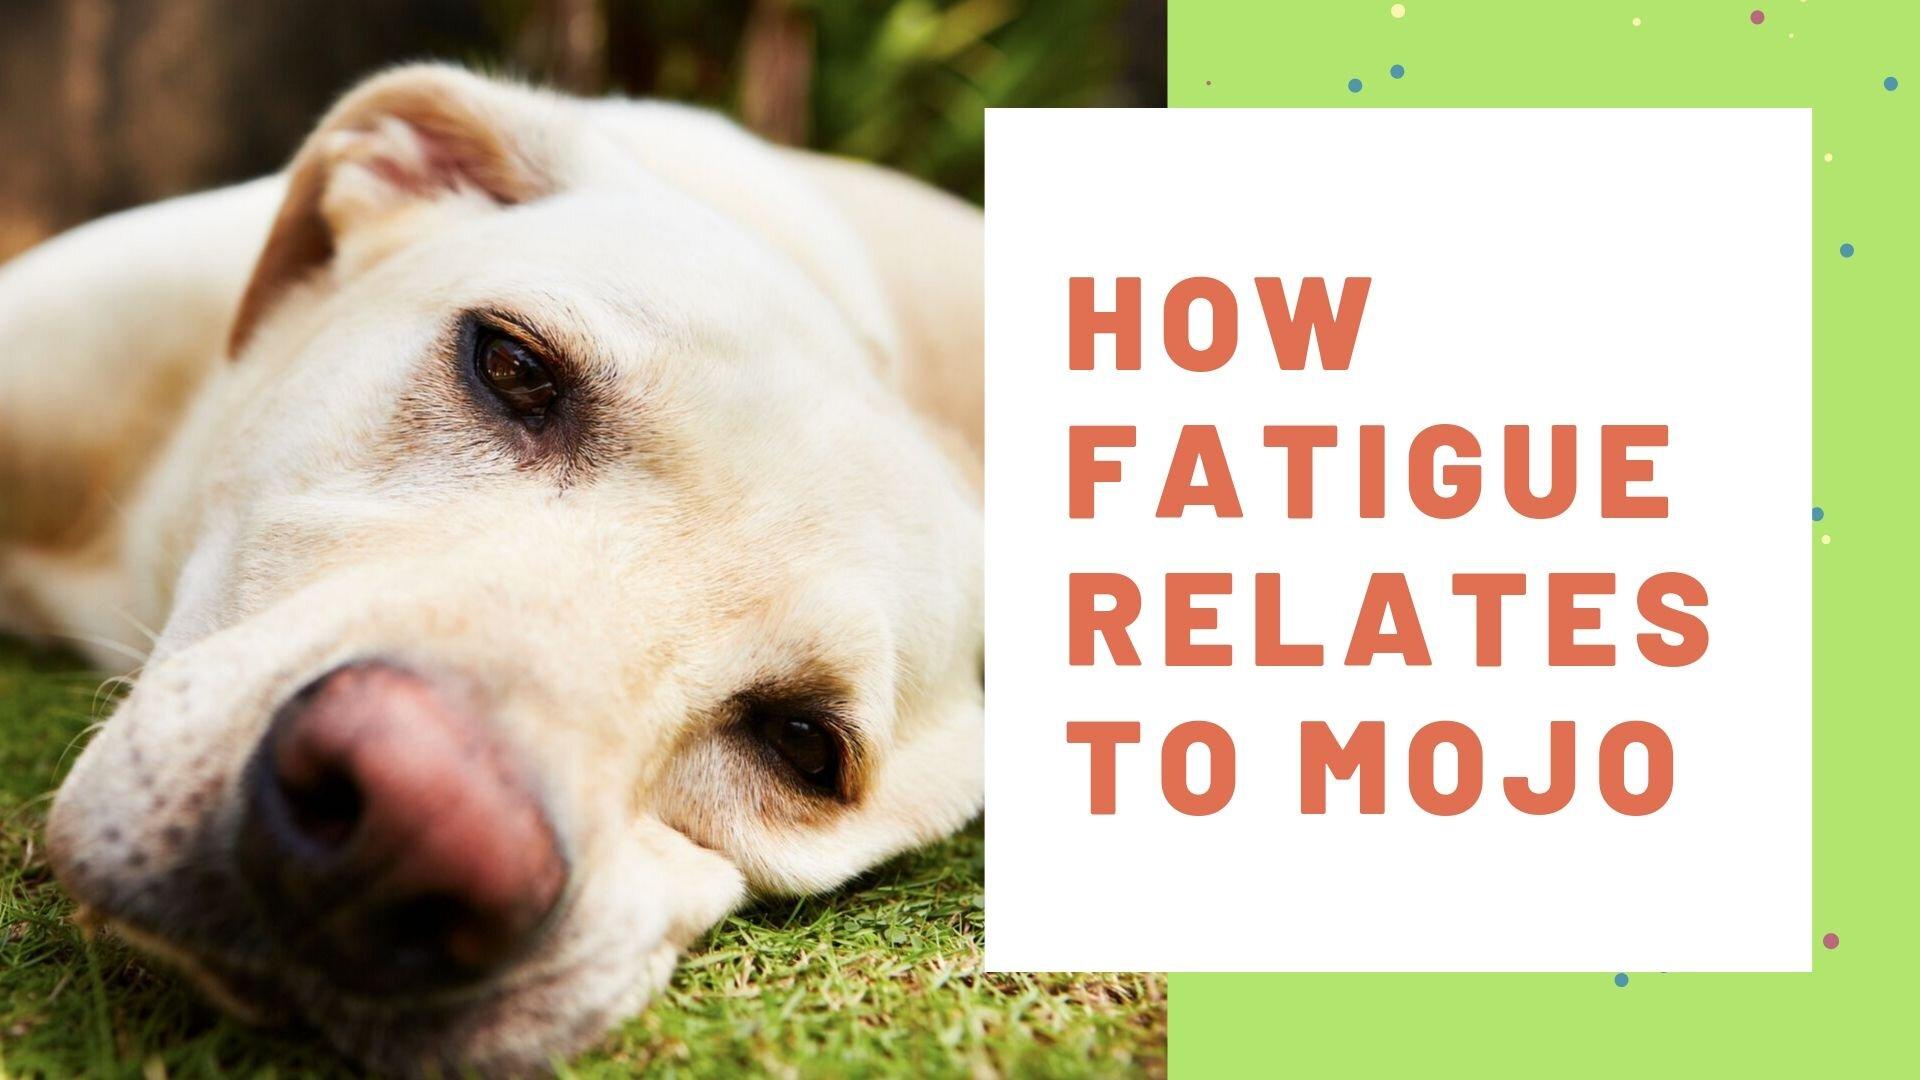 Fatigue and Mojo.jpg